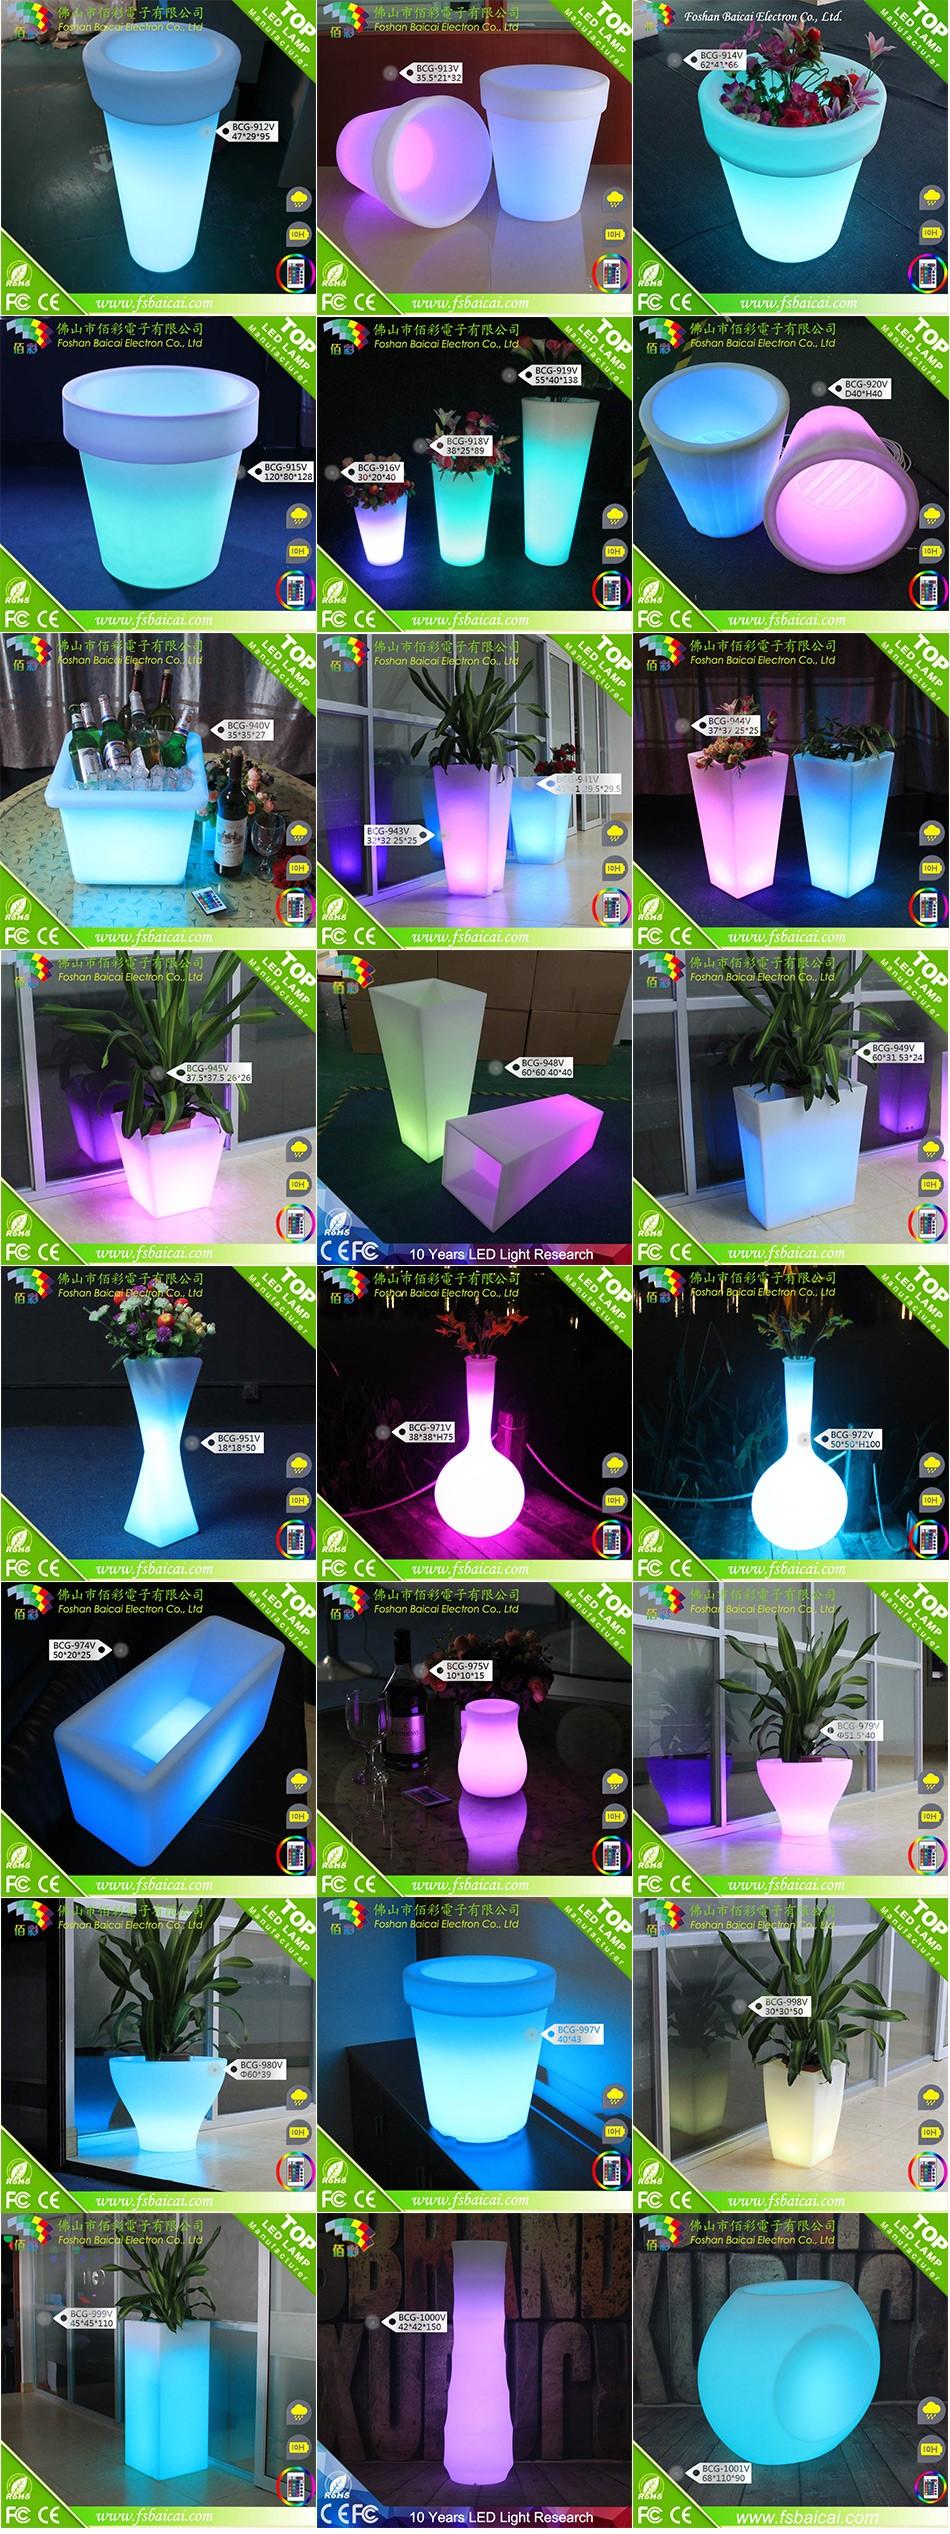 Led flower vase lightcup and saucer flower potflower vase table led flower vase lightcup and saucer flower potflower vase table centerpieces reviewsmspy